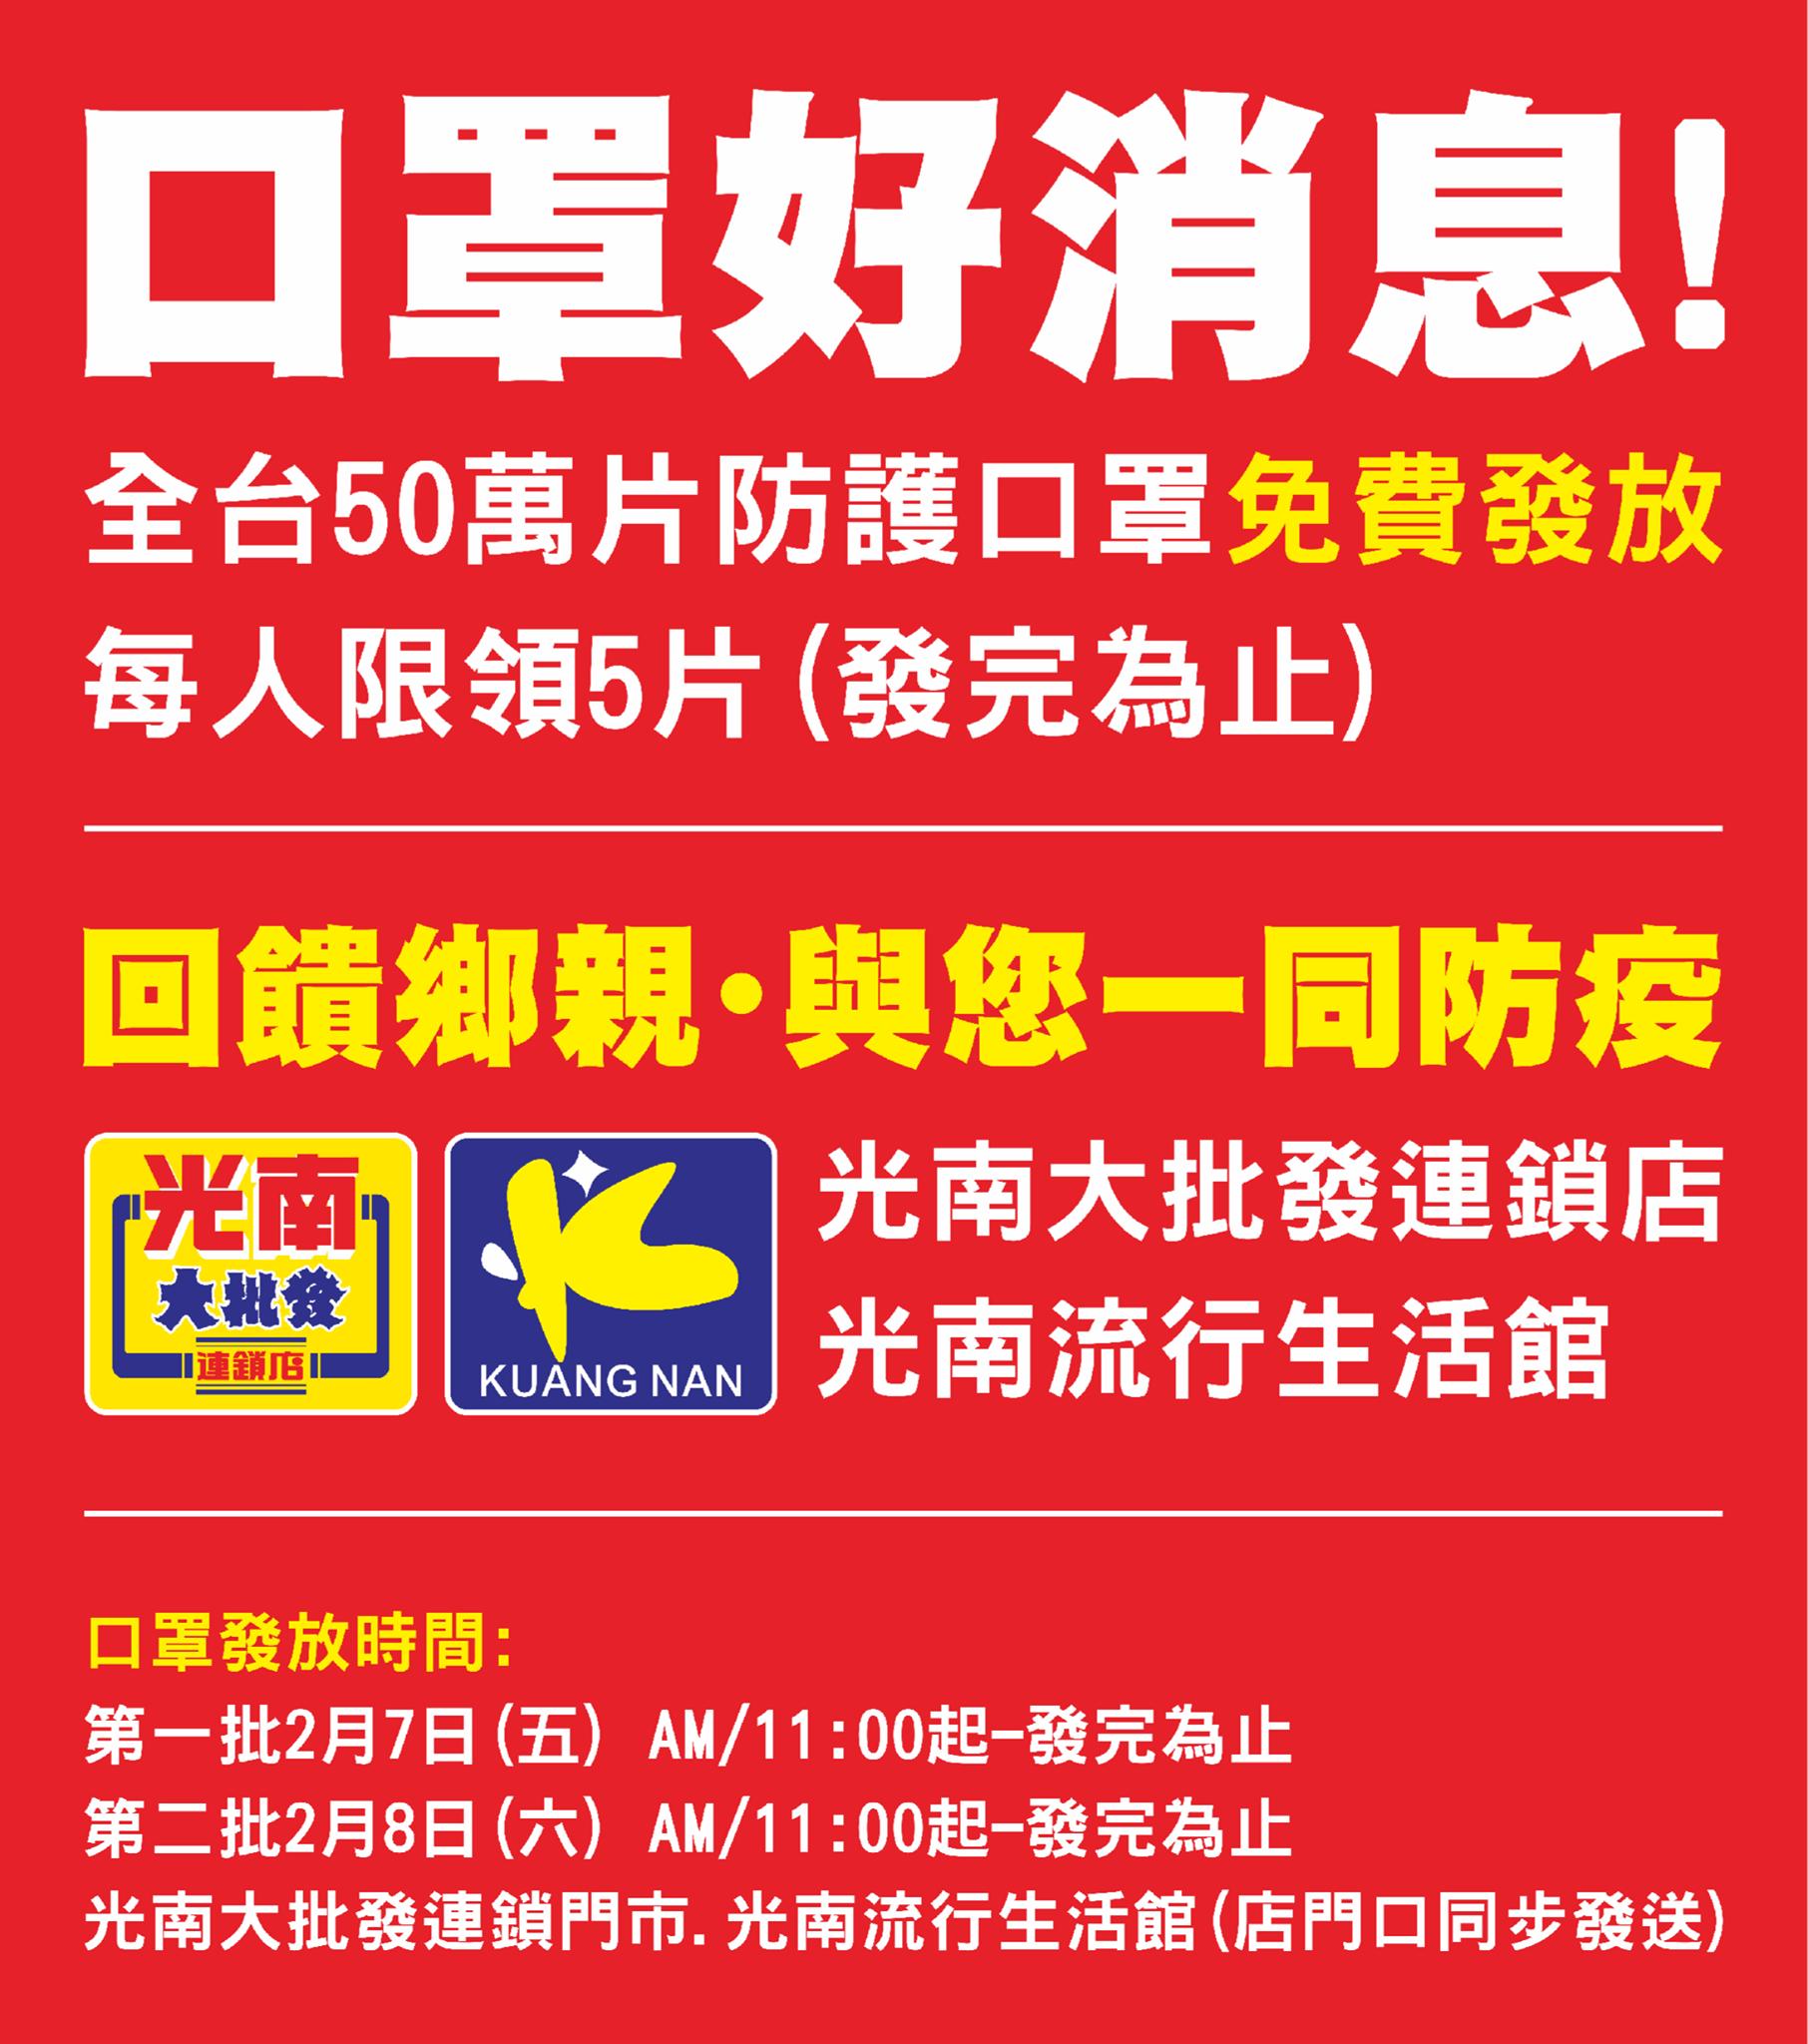 光南大批發 2/7、2/8起分兩梯次在全省光南,免費發放50萬片防護口罩!